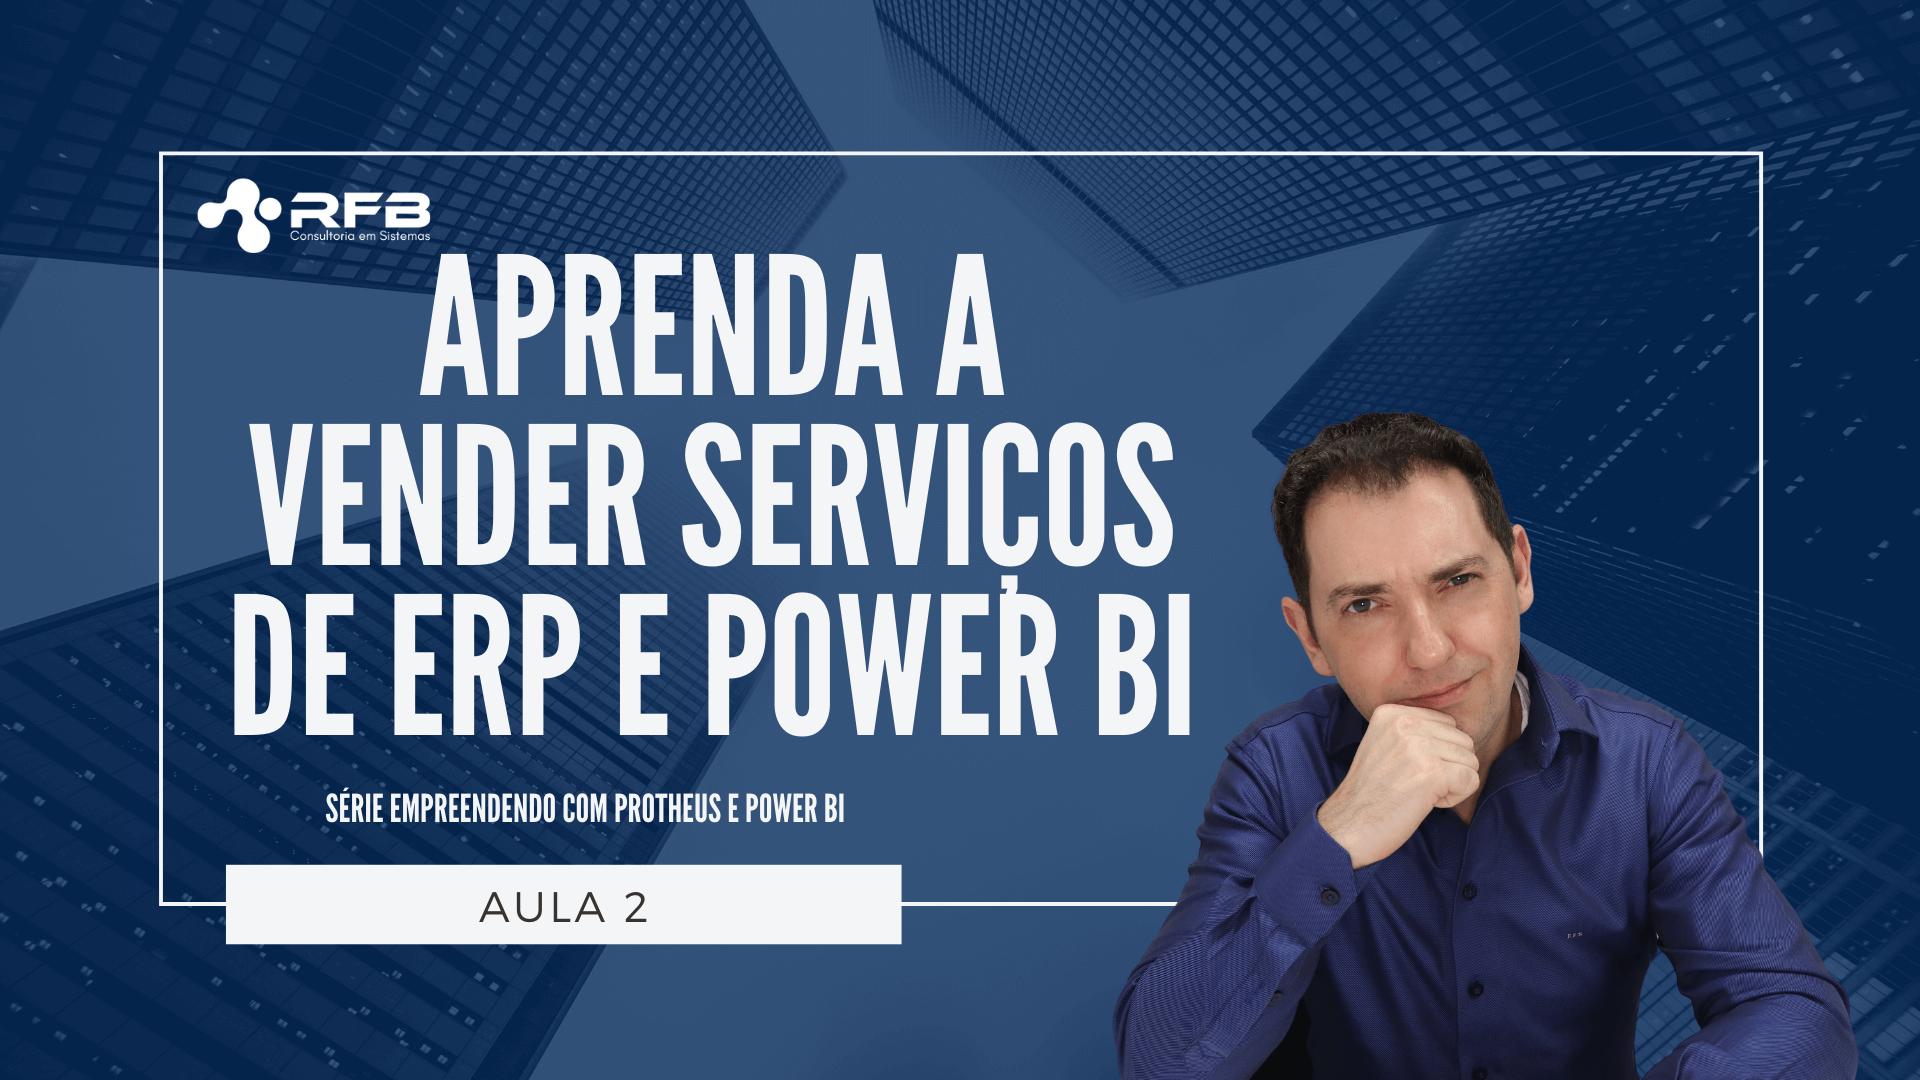 Aprenda a vender serviços de ERP e Power BI